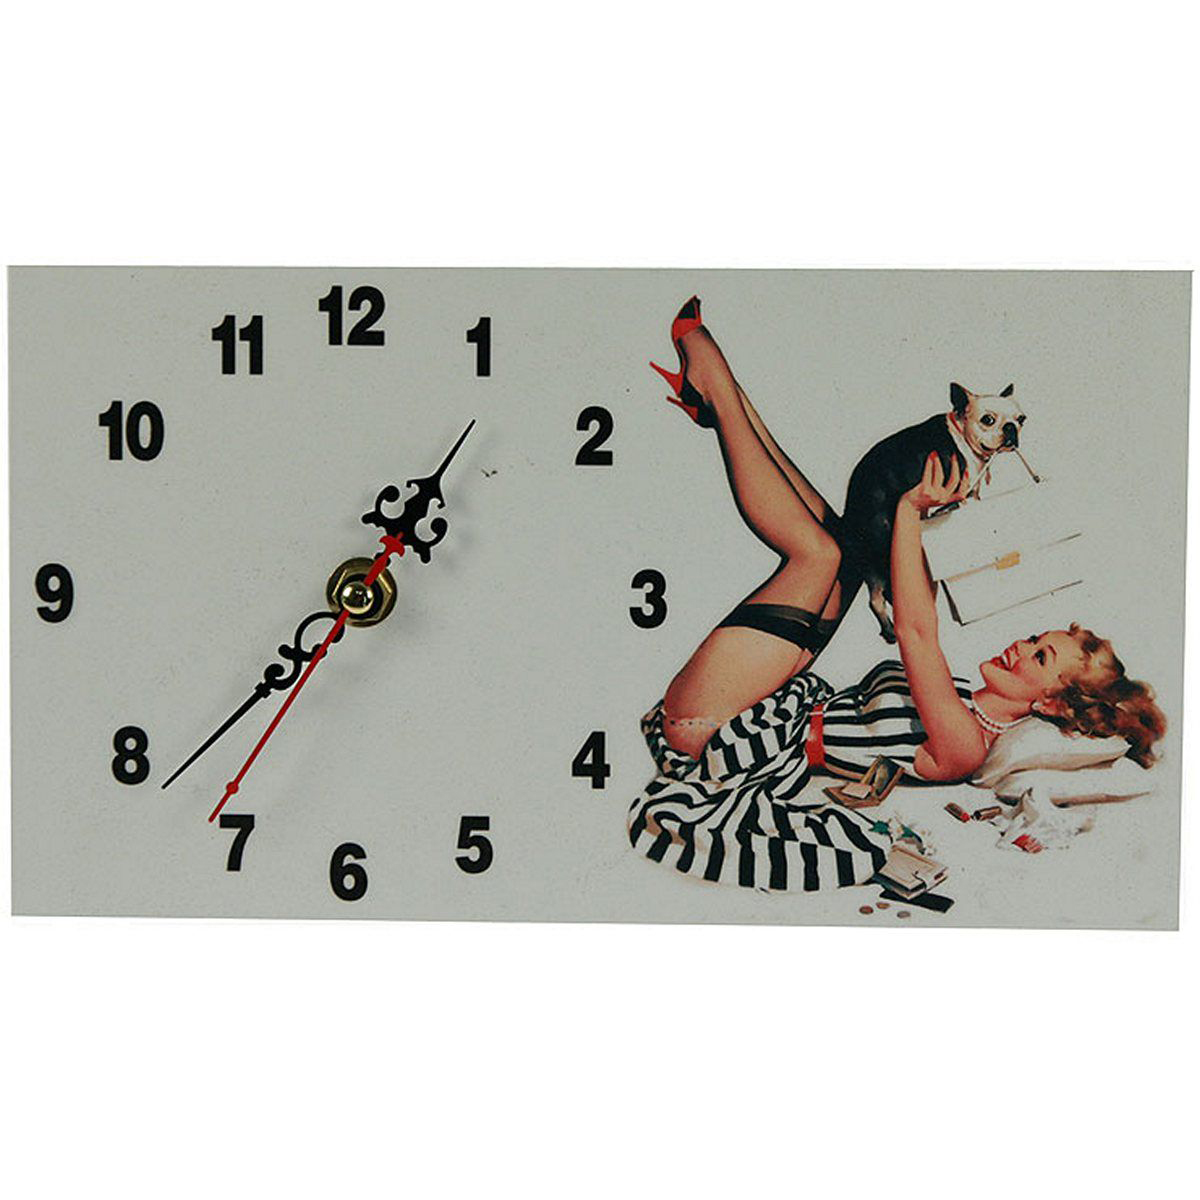 Часы настольные Русские Подарки Пин-ап, 13 х 23 см. 3823129636Настольные кварцевые часы Русские Подарки Пин-ап изготовлены из МДФ. Изделие оригинально оформлено изображением девушки с собачкой в стиле Пин-ап. Часы имеют три стрелки - часовую, минутную и секундную.Такие часы украсят интерьер дома или рабочий стол в офисе. Также часы могут стать уникальным, полезным подарком для родственников, коллег, знакомых и близких.Часы работают от батареек типа АА (в комплект не входят).